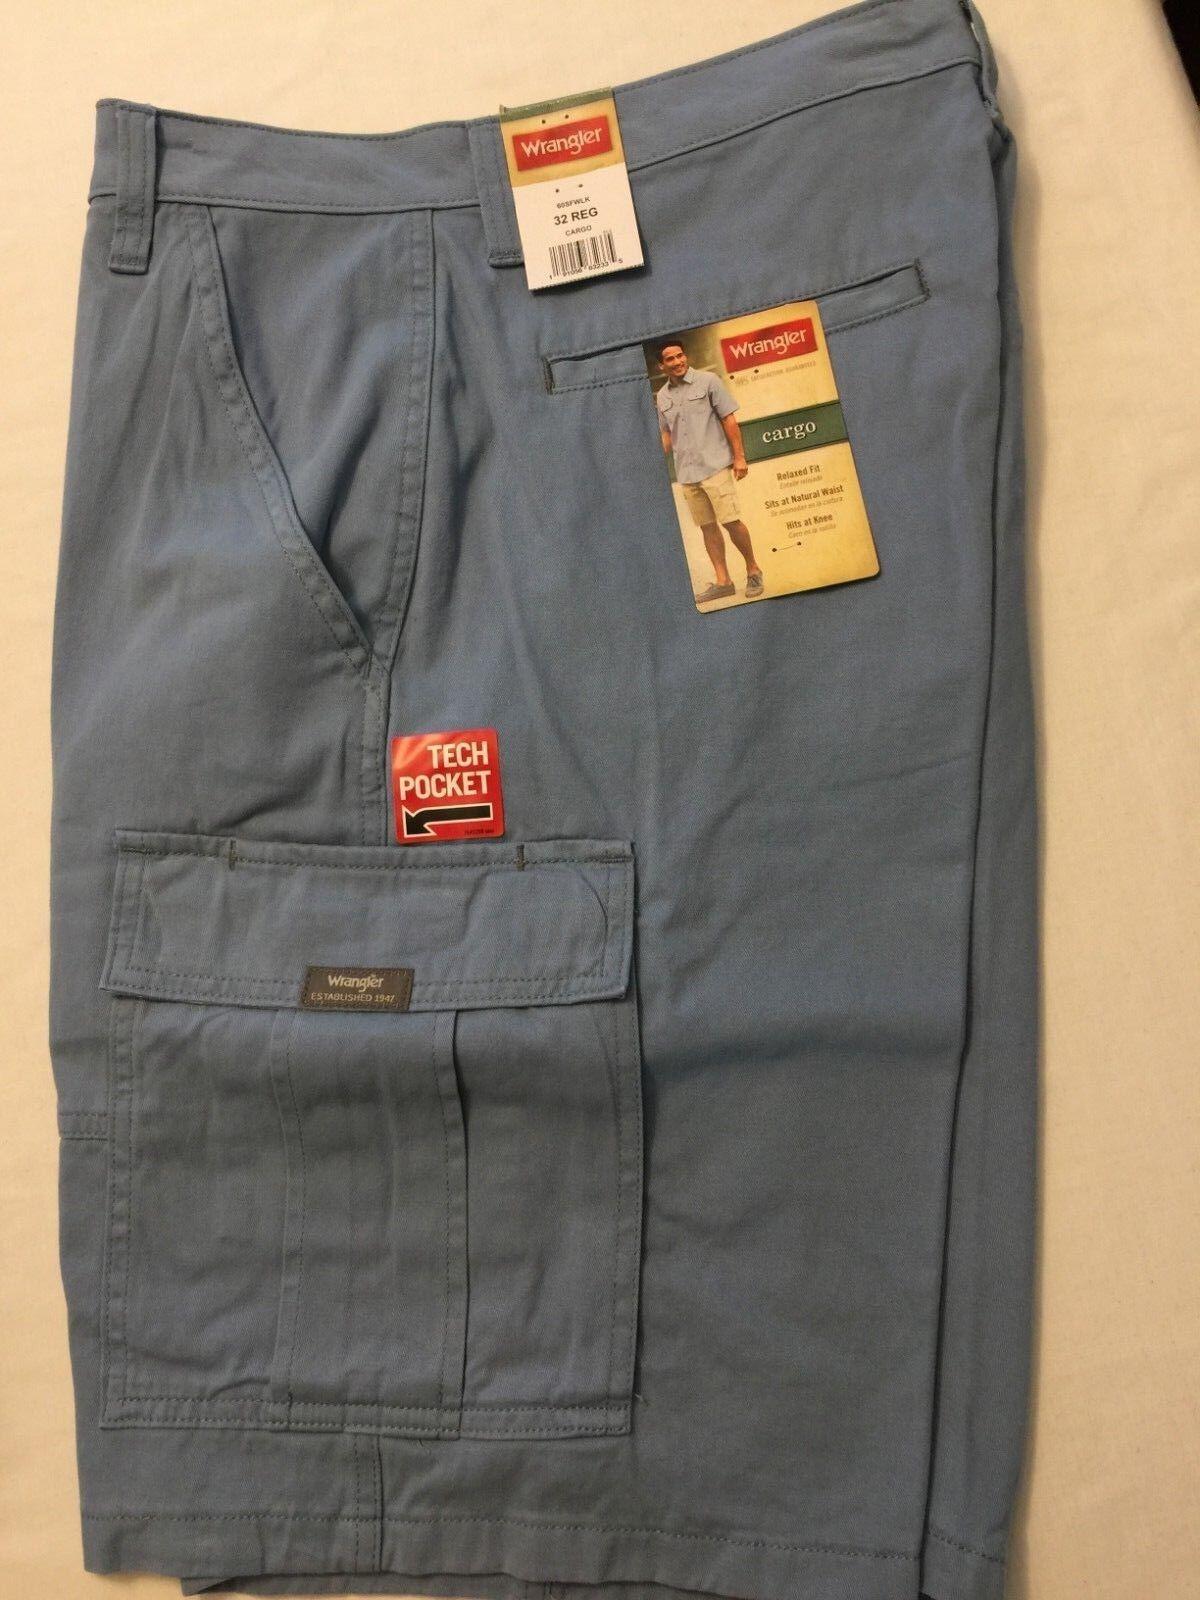 c1912b6255 ... NWT Wrangler Men's Cargo Shorts Stone Khaki Blue, Green Camo Tech  Pocket Relaxed фото ...